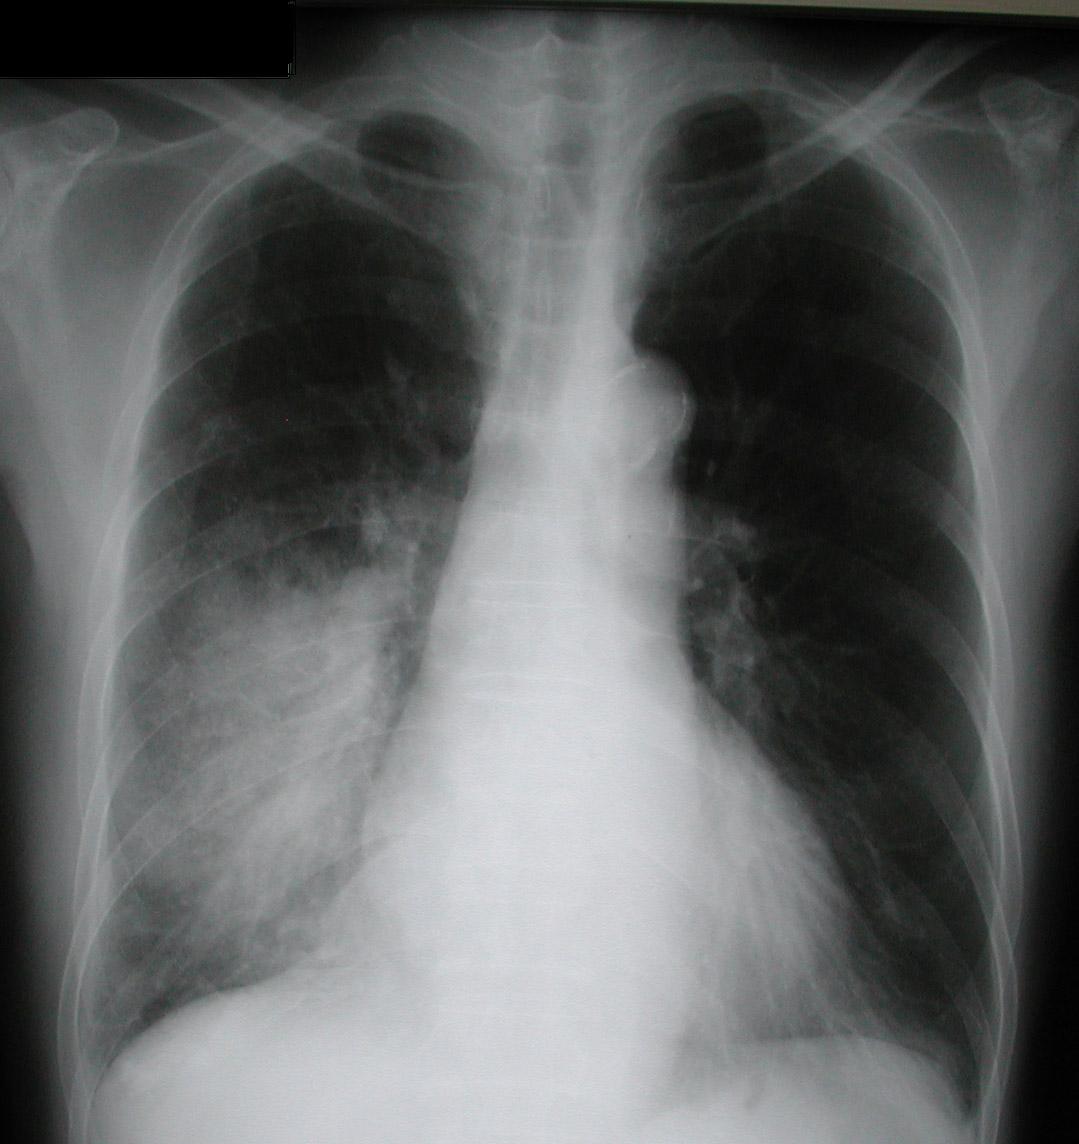 Circuito De Monza : Pneumonia inflamação experimental dos pulmões